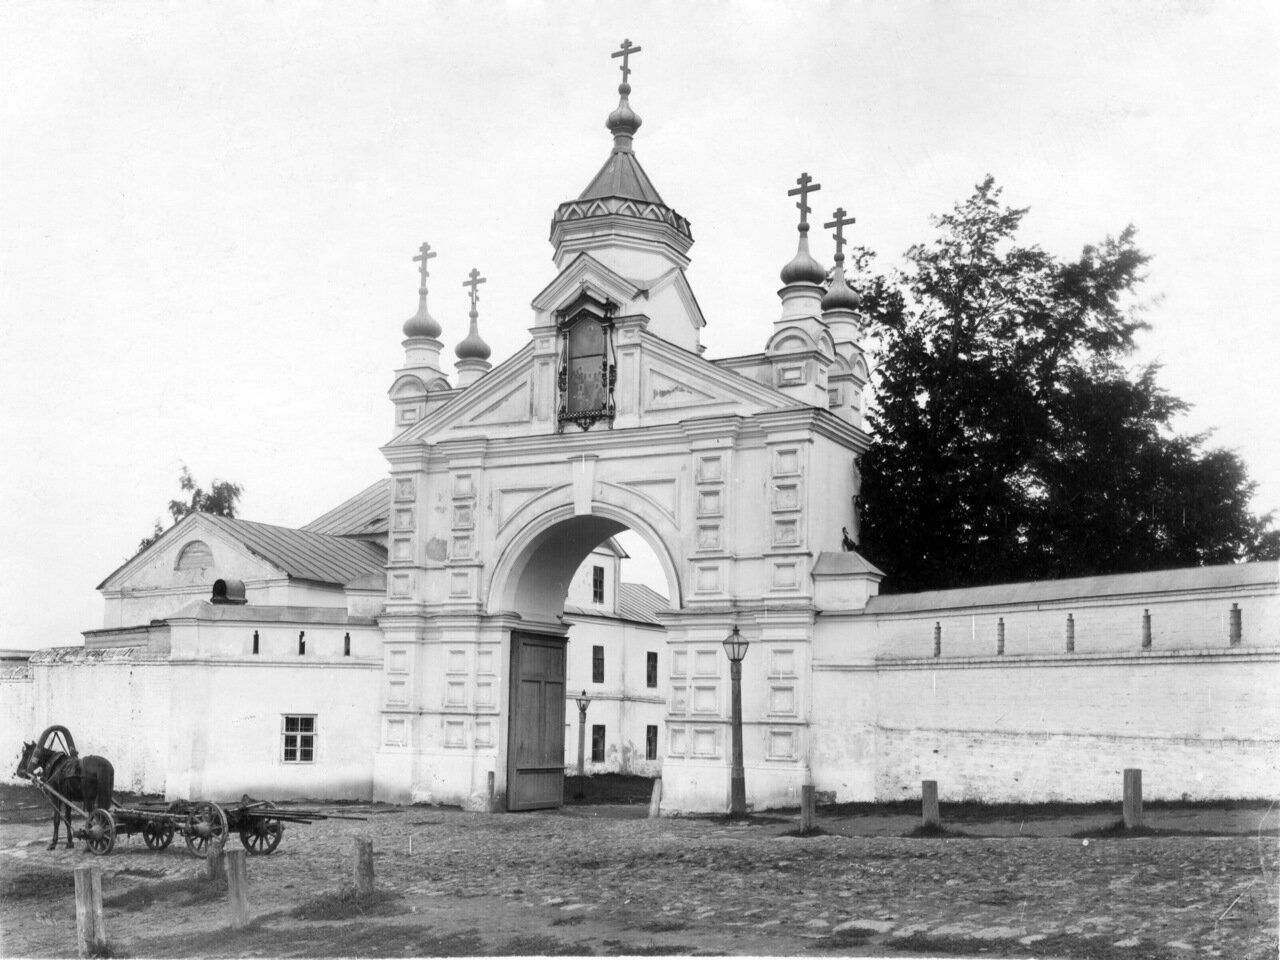 Вознесенский Печёрский монастырь. Святые врата обители